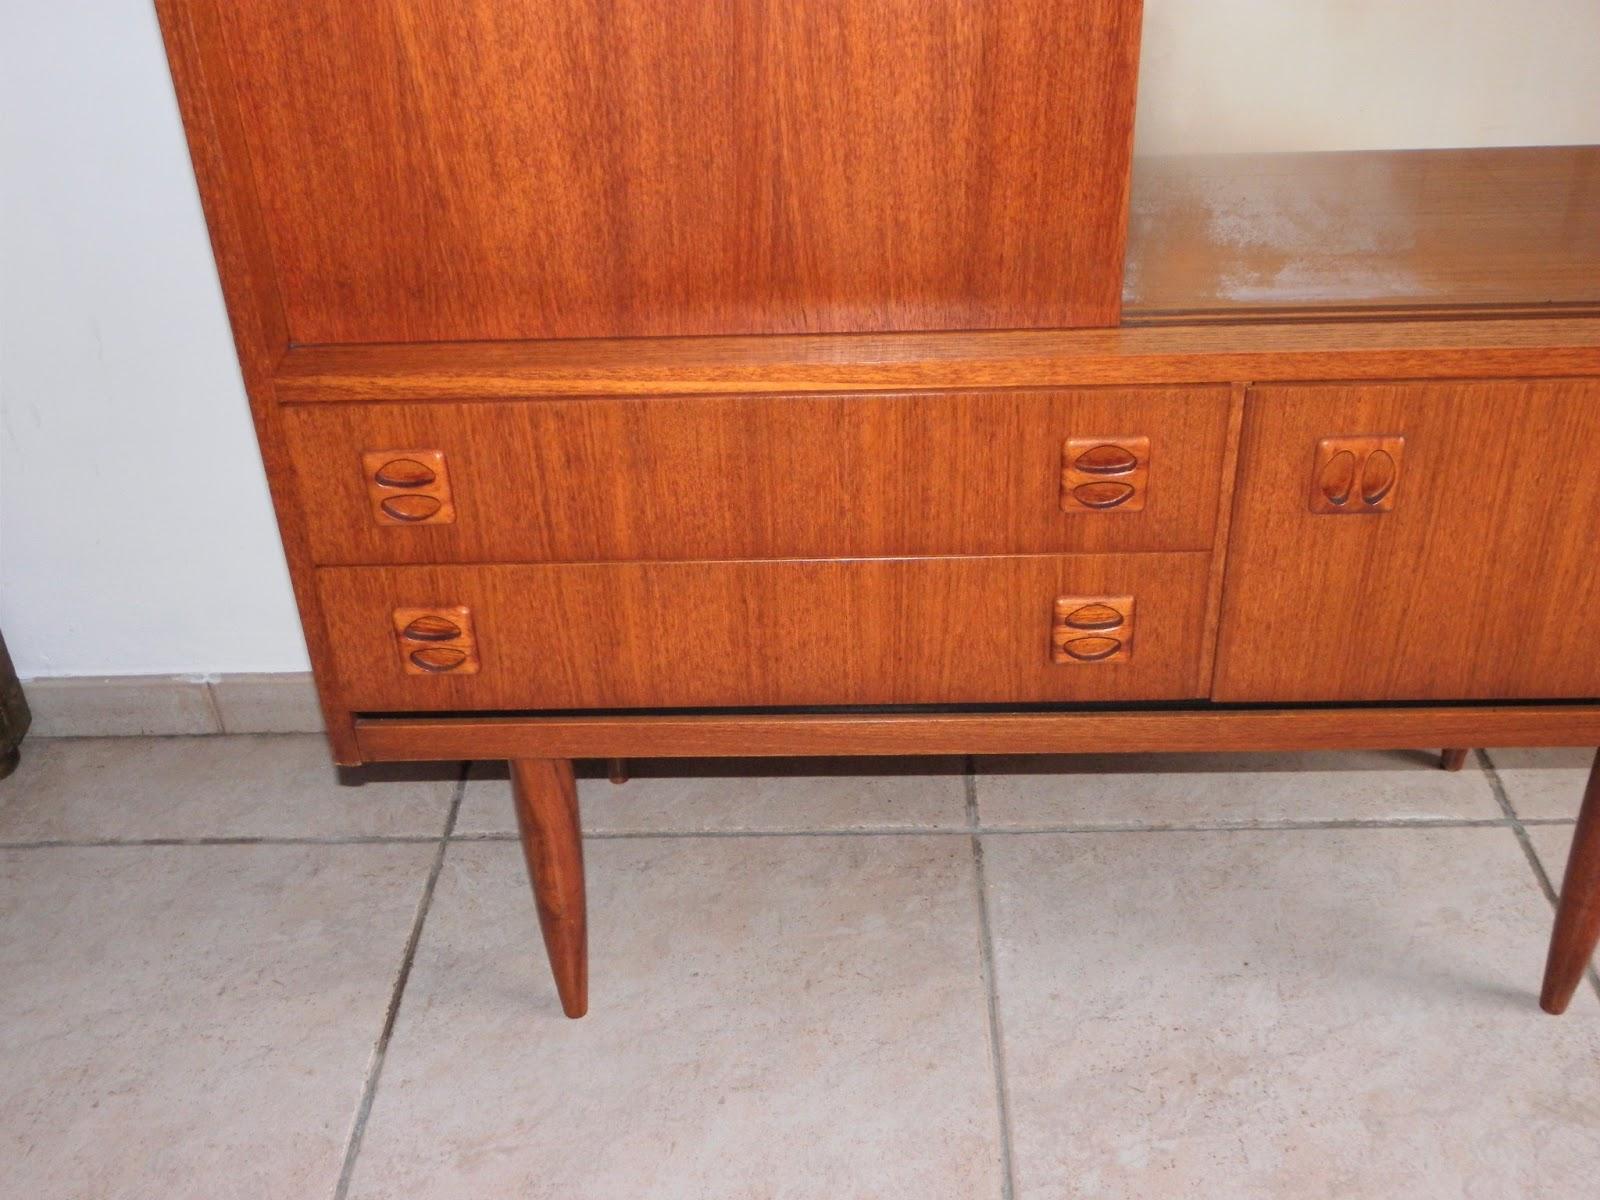 Lucie la chineuse meuble vitrine 39 60 for Meubles domon lachine